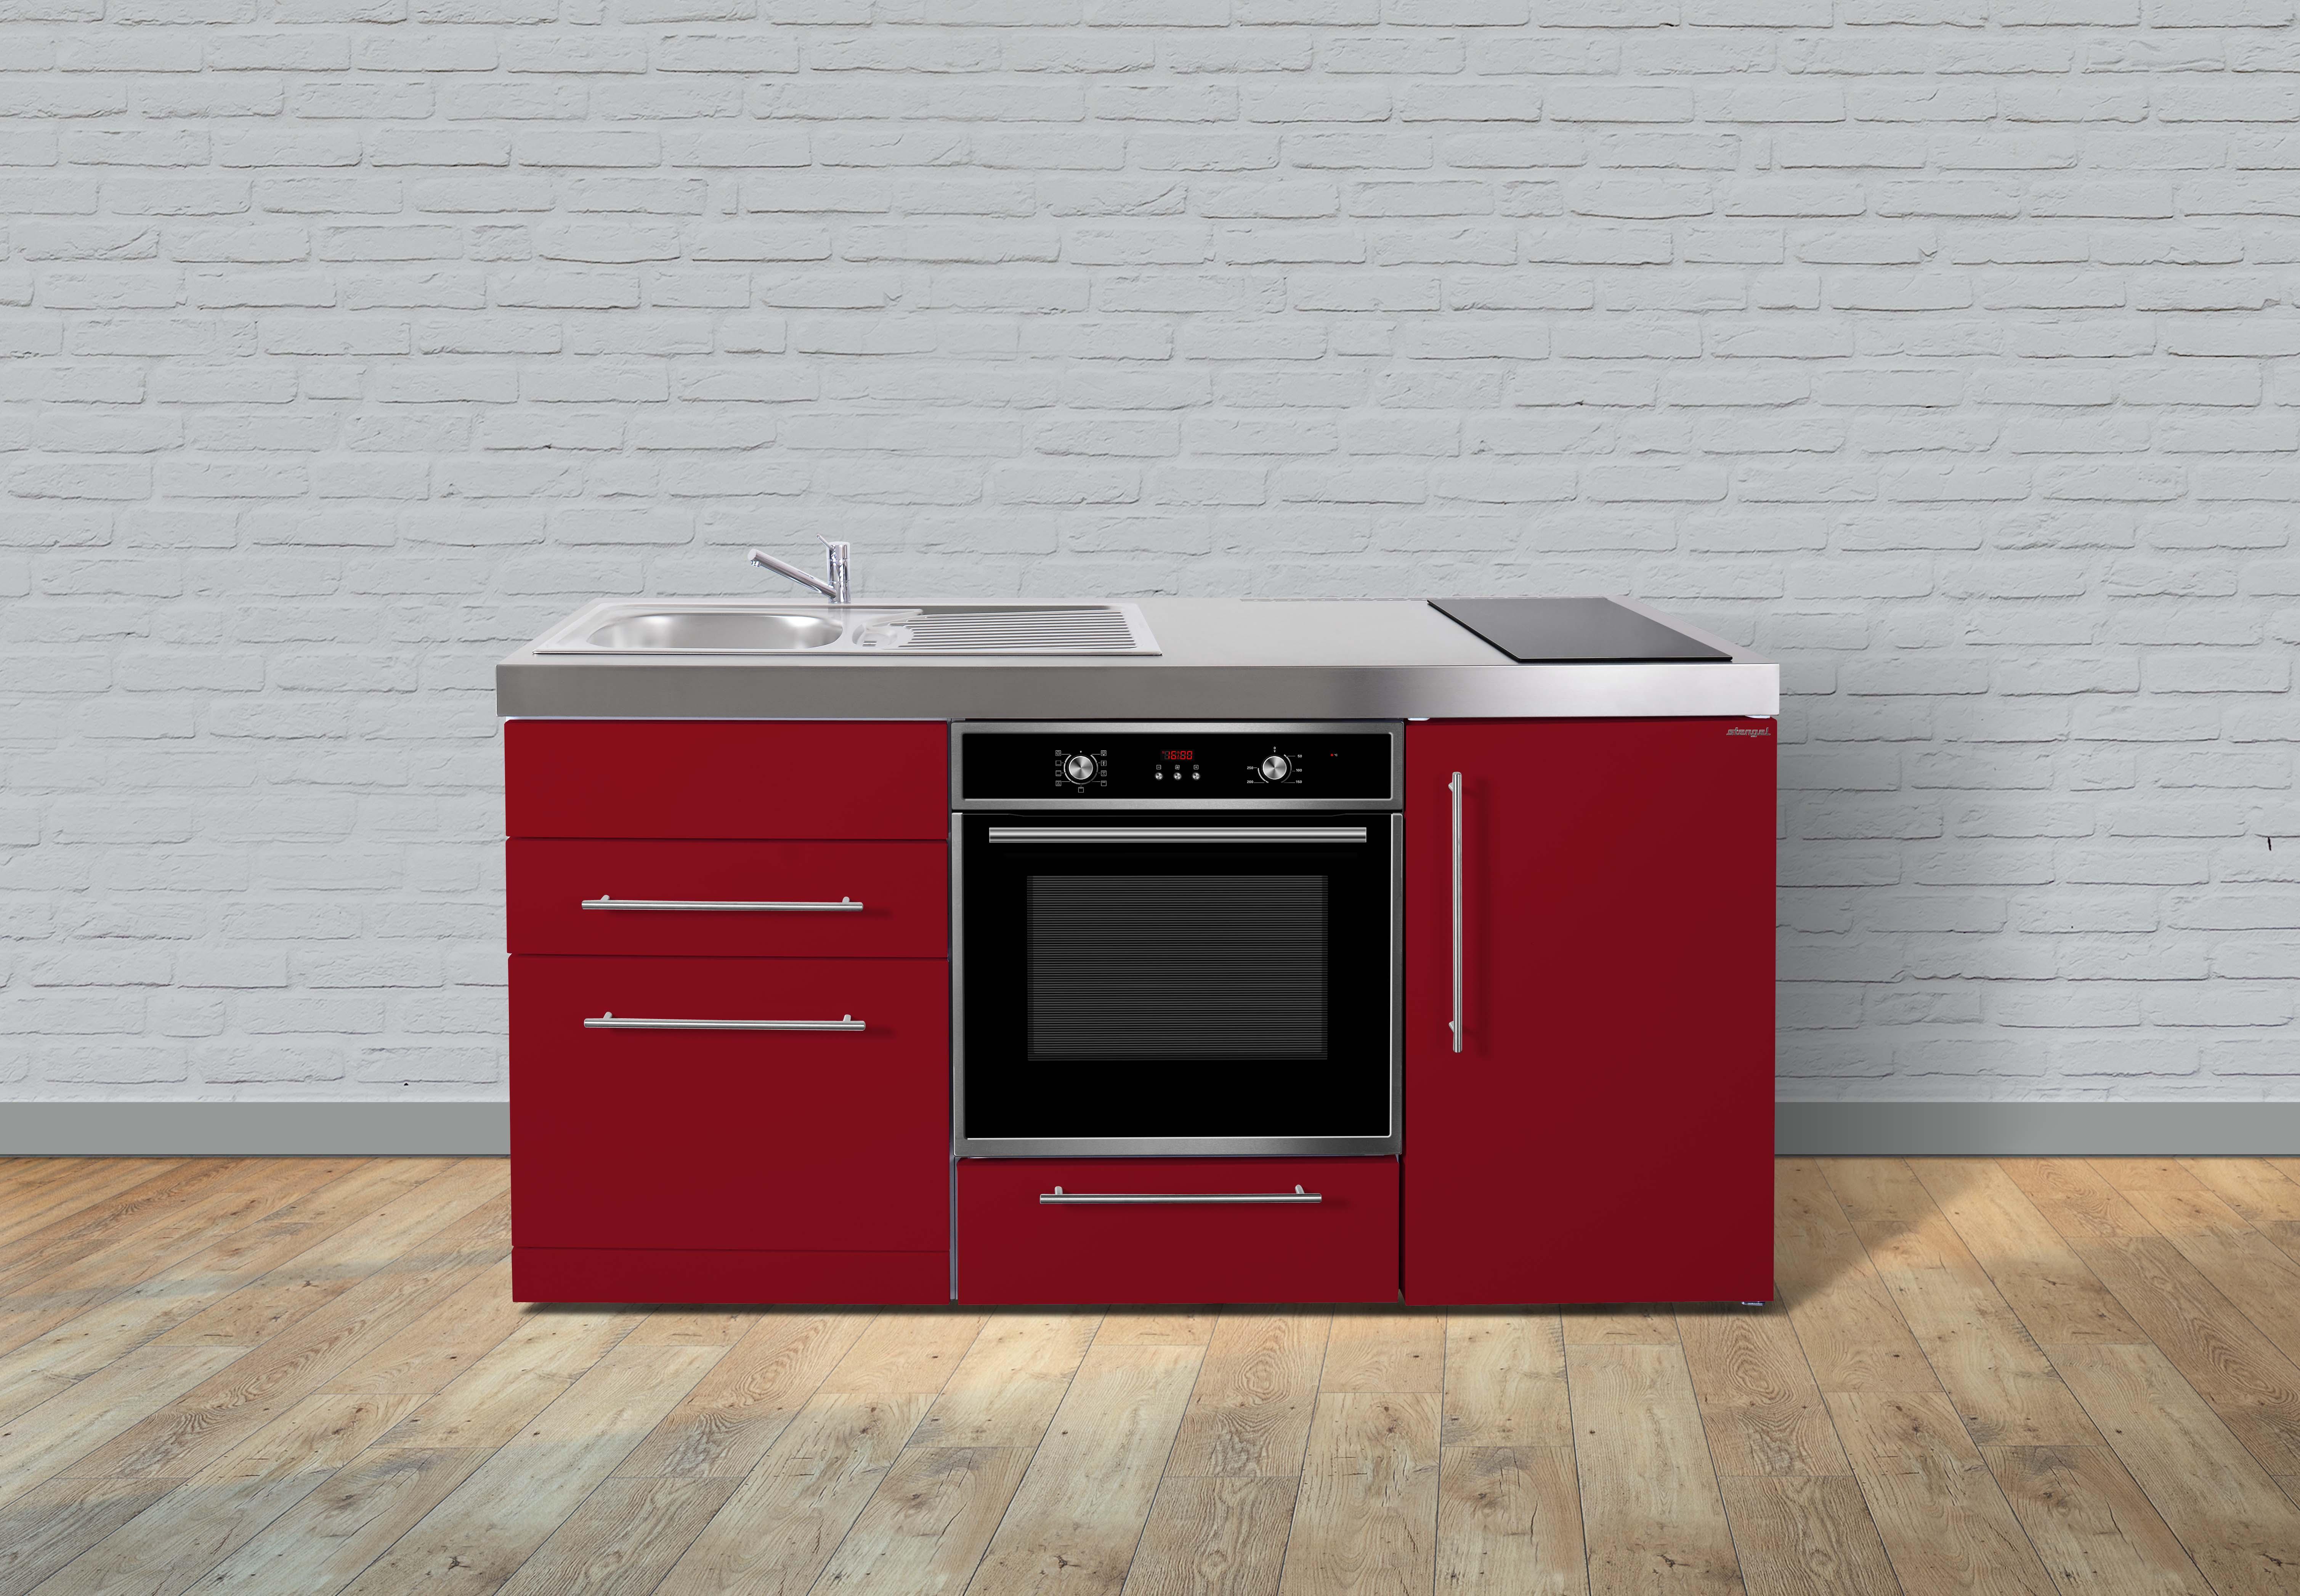 Mini Küchenblock Mit Kühlschrank : Rundumkueche ihr spezialist für miniküchen